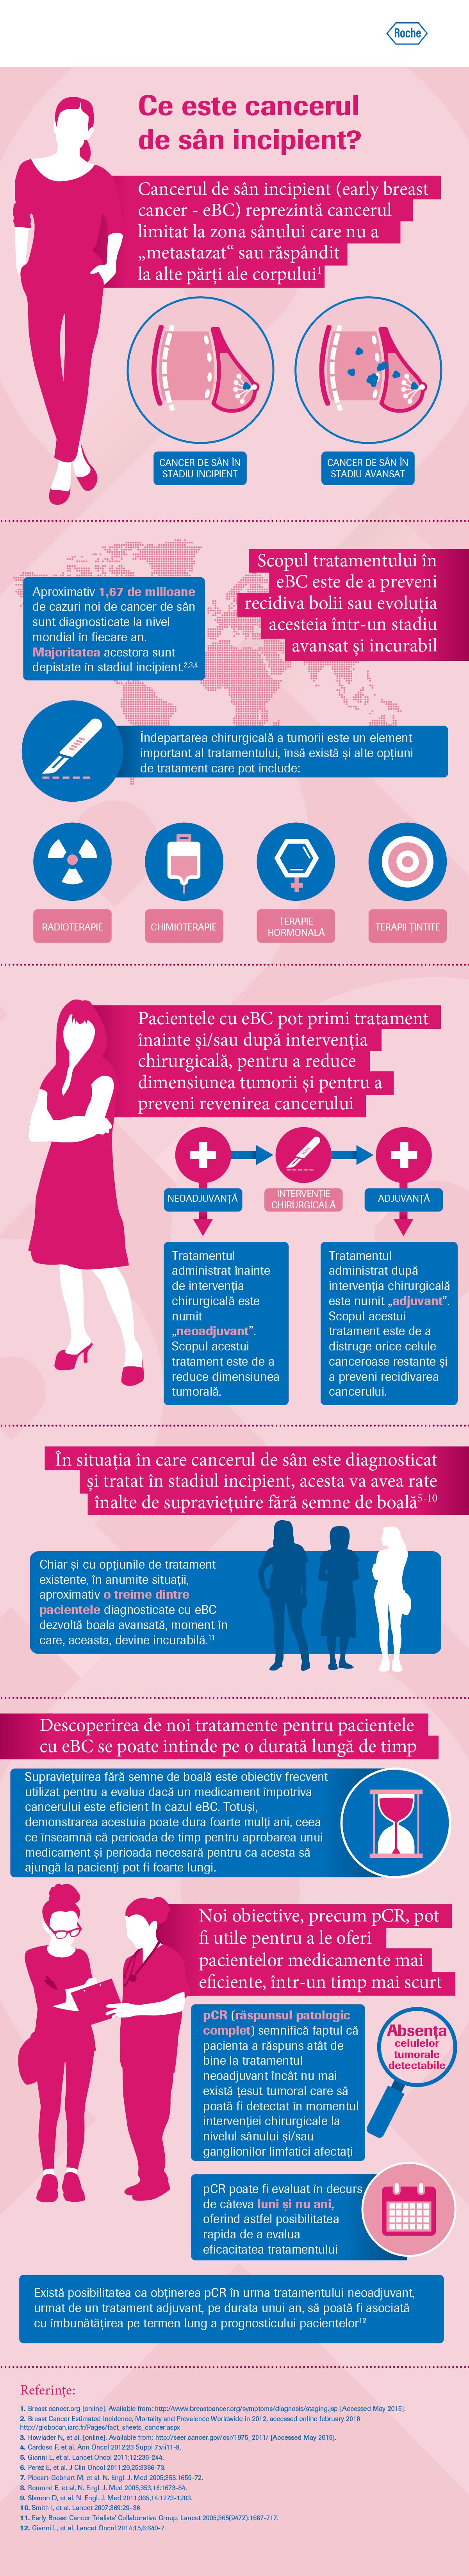 Cancerul de san - ce este si cum il prevenim?